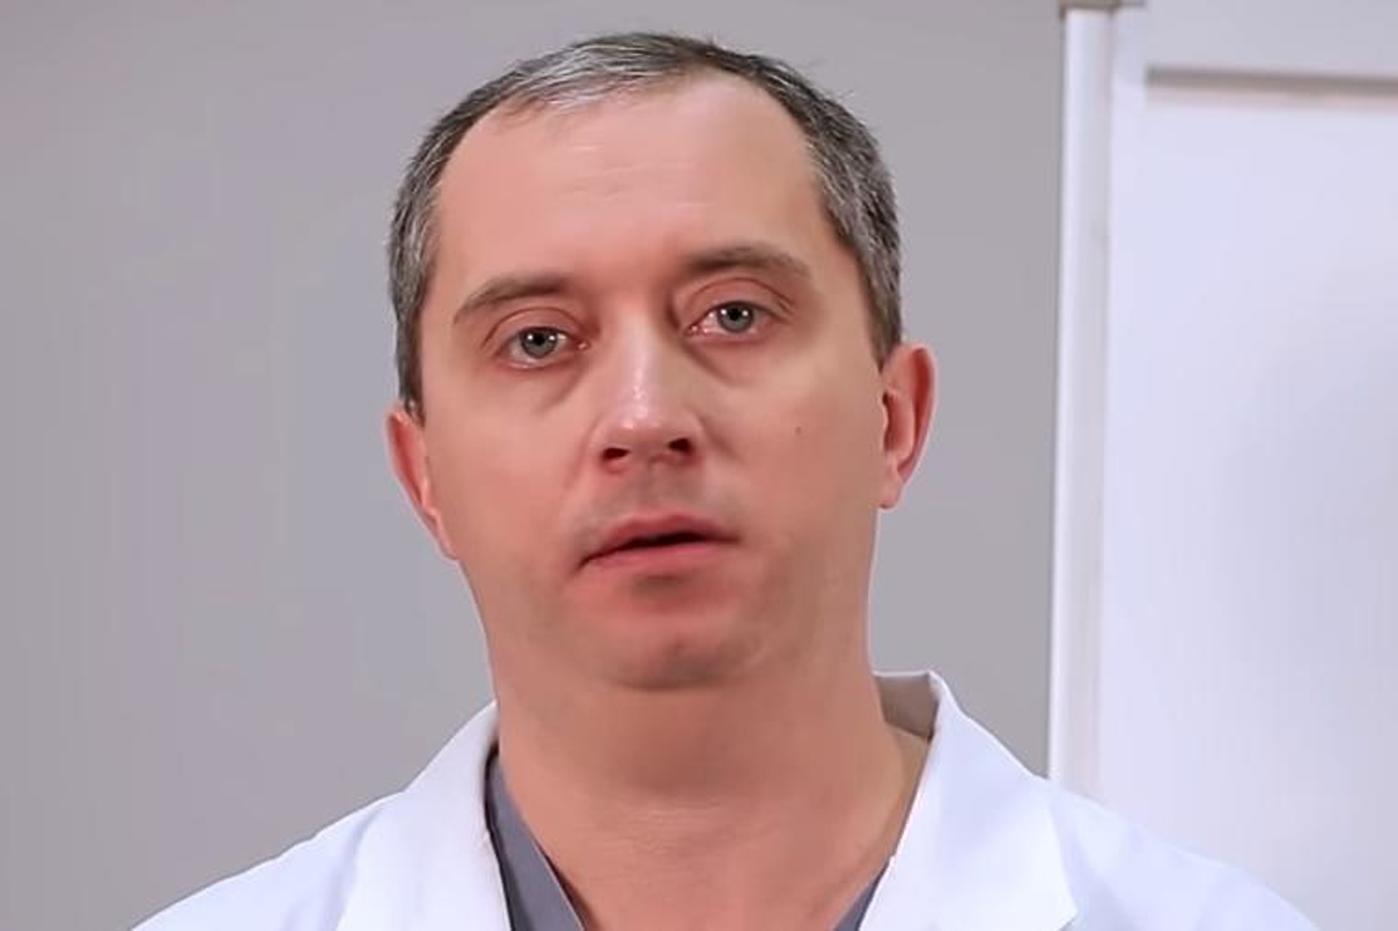 liječenje hipertenzije vrtoglavice)